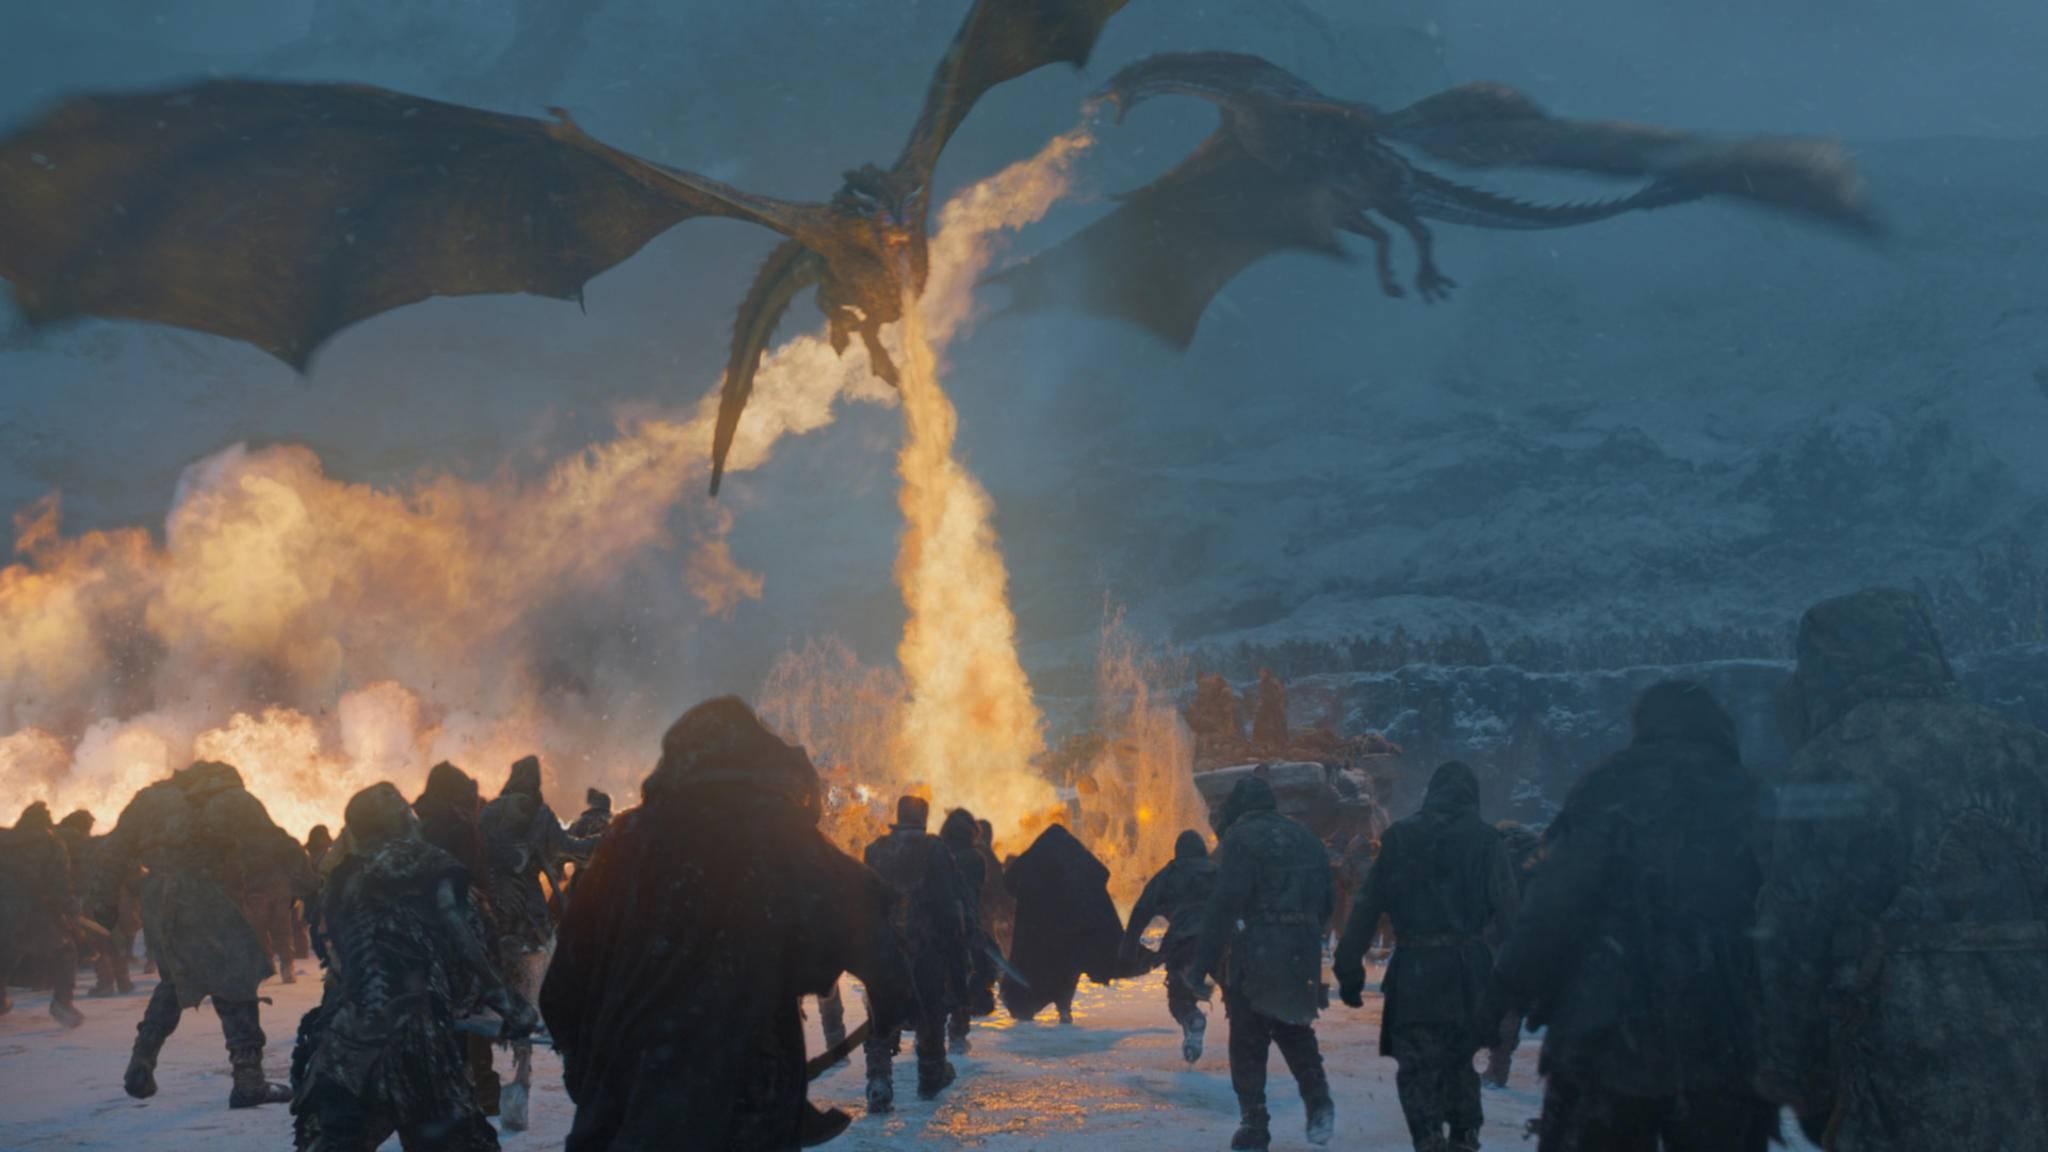 """In der Mutterserie """"Game of Thrones"""" feierten die gigantischen Drachen ihr Comeback. Aber wie erging es ihnen vor 300 Jahren?"""